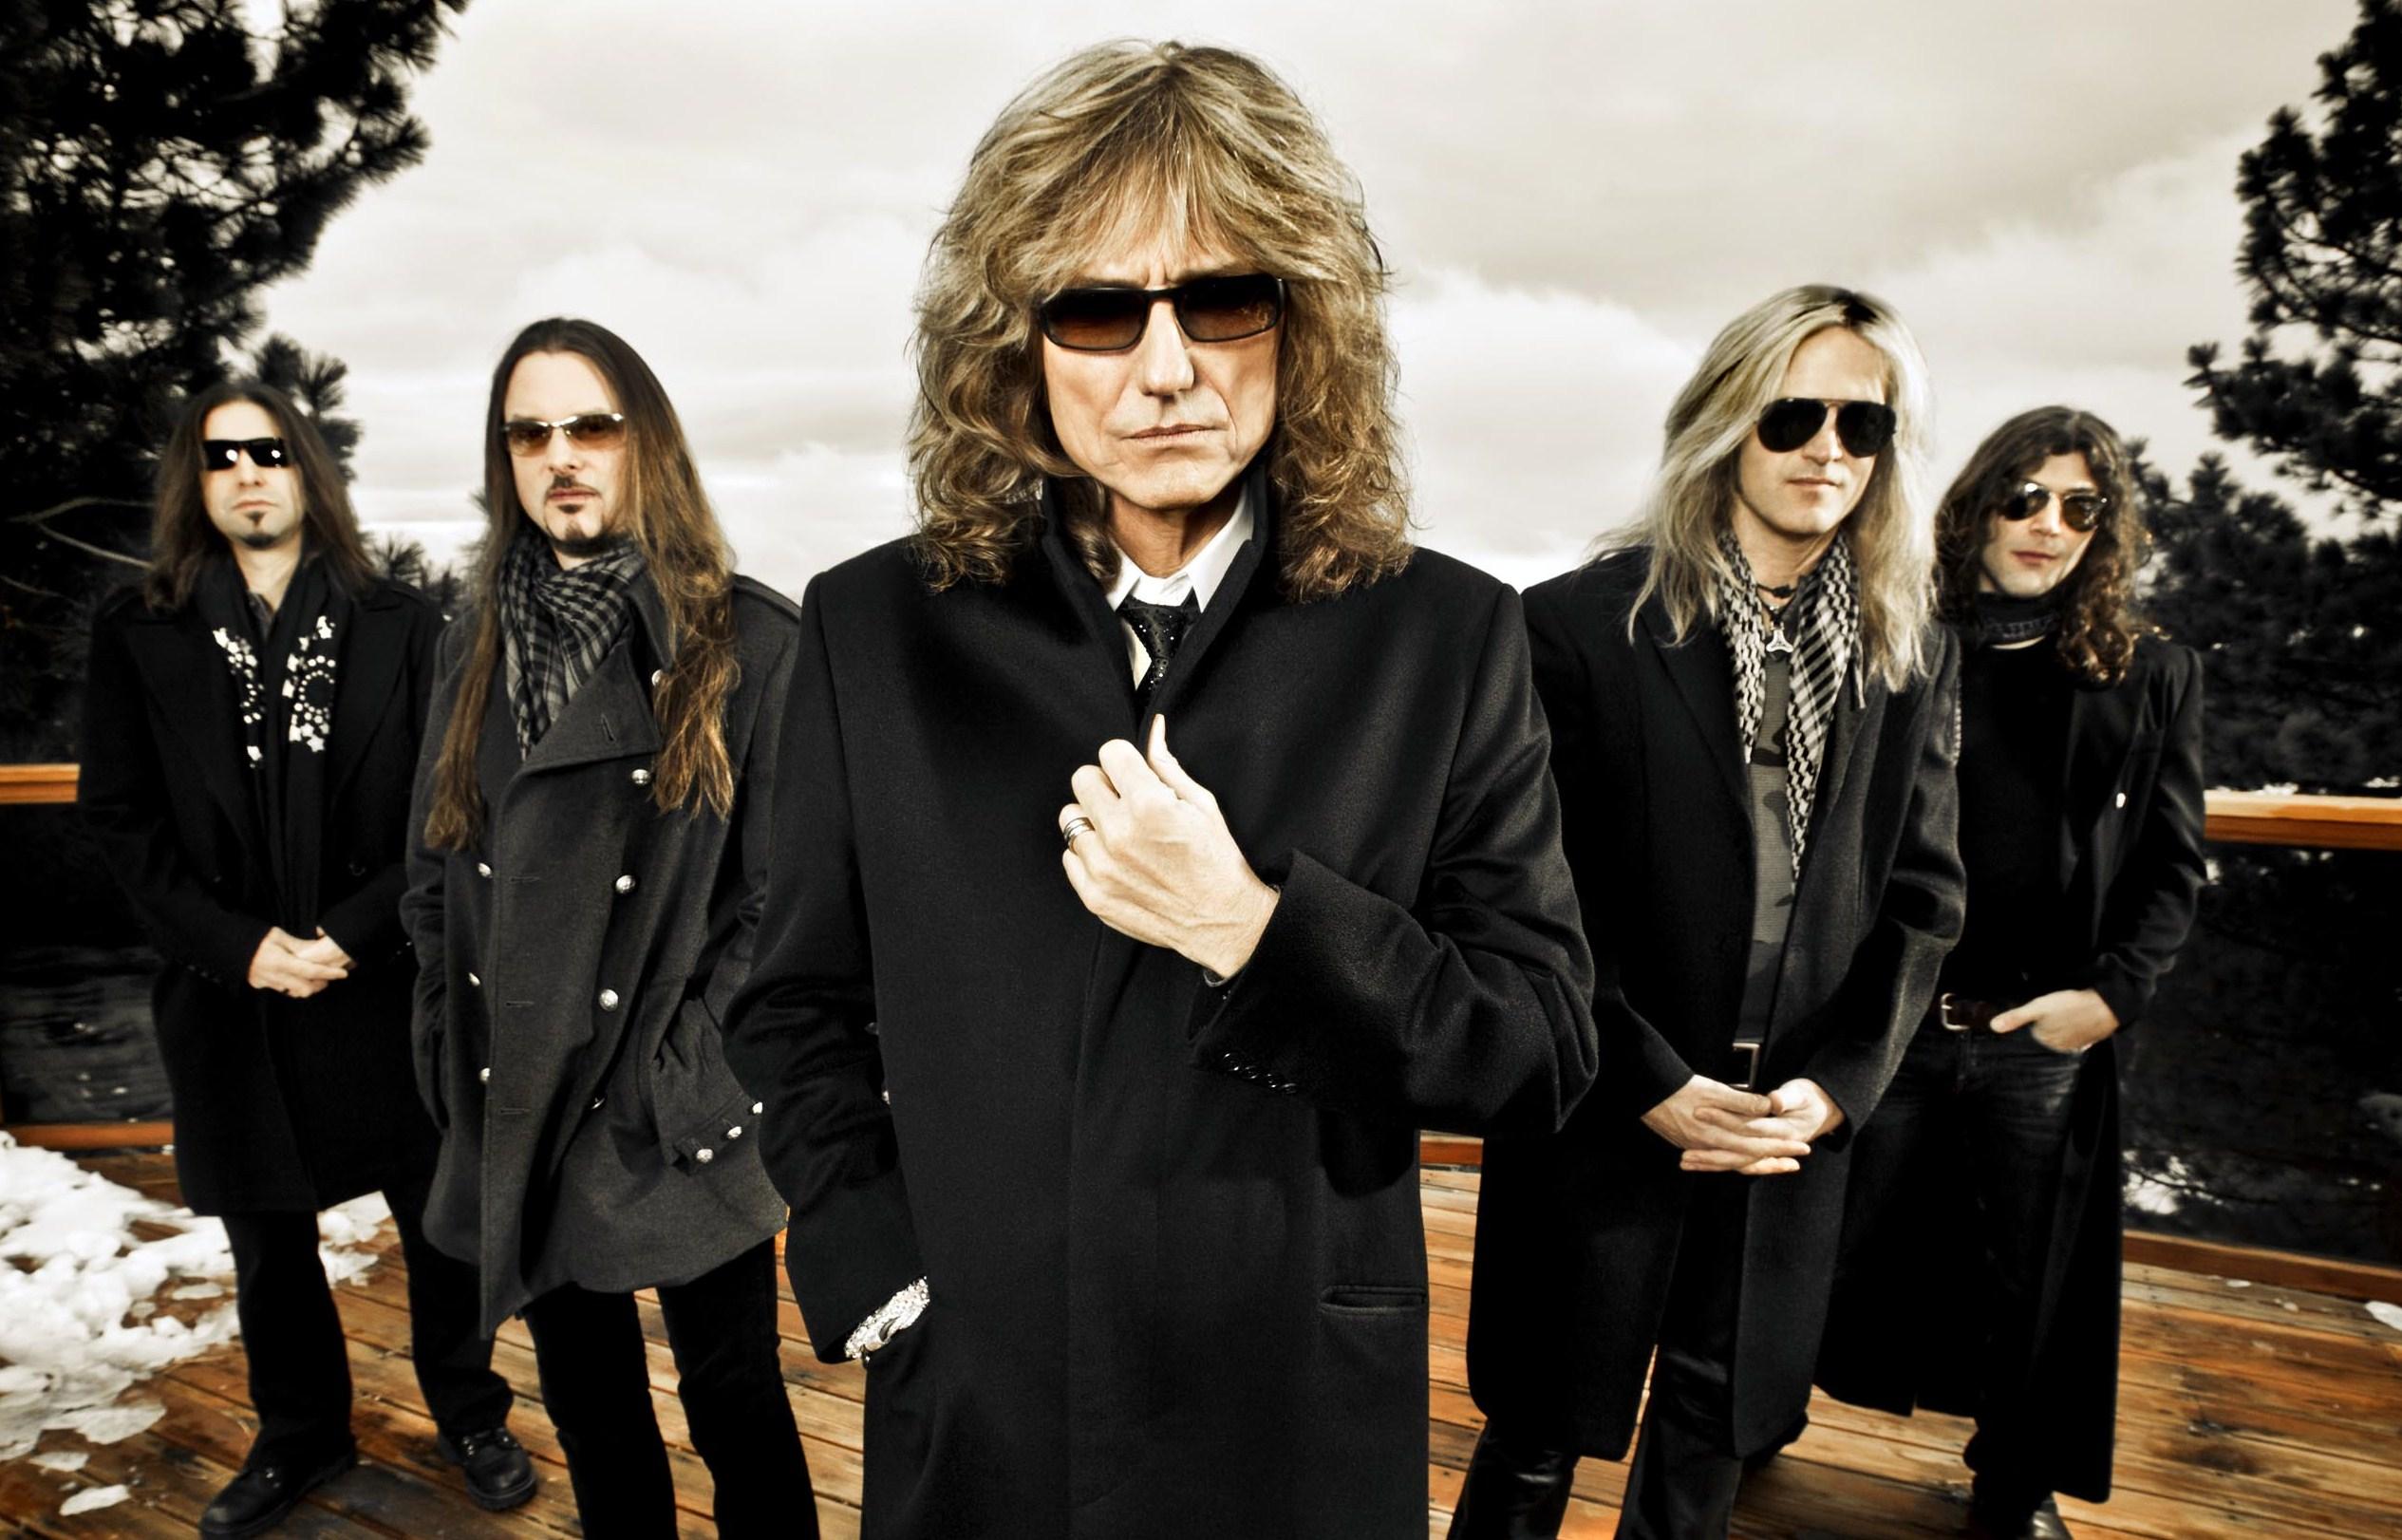 Whitesnake – Fool For Your Loving